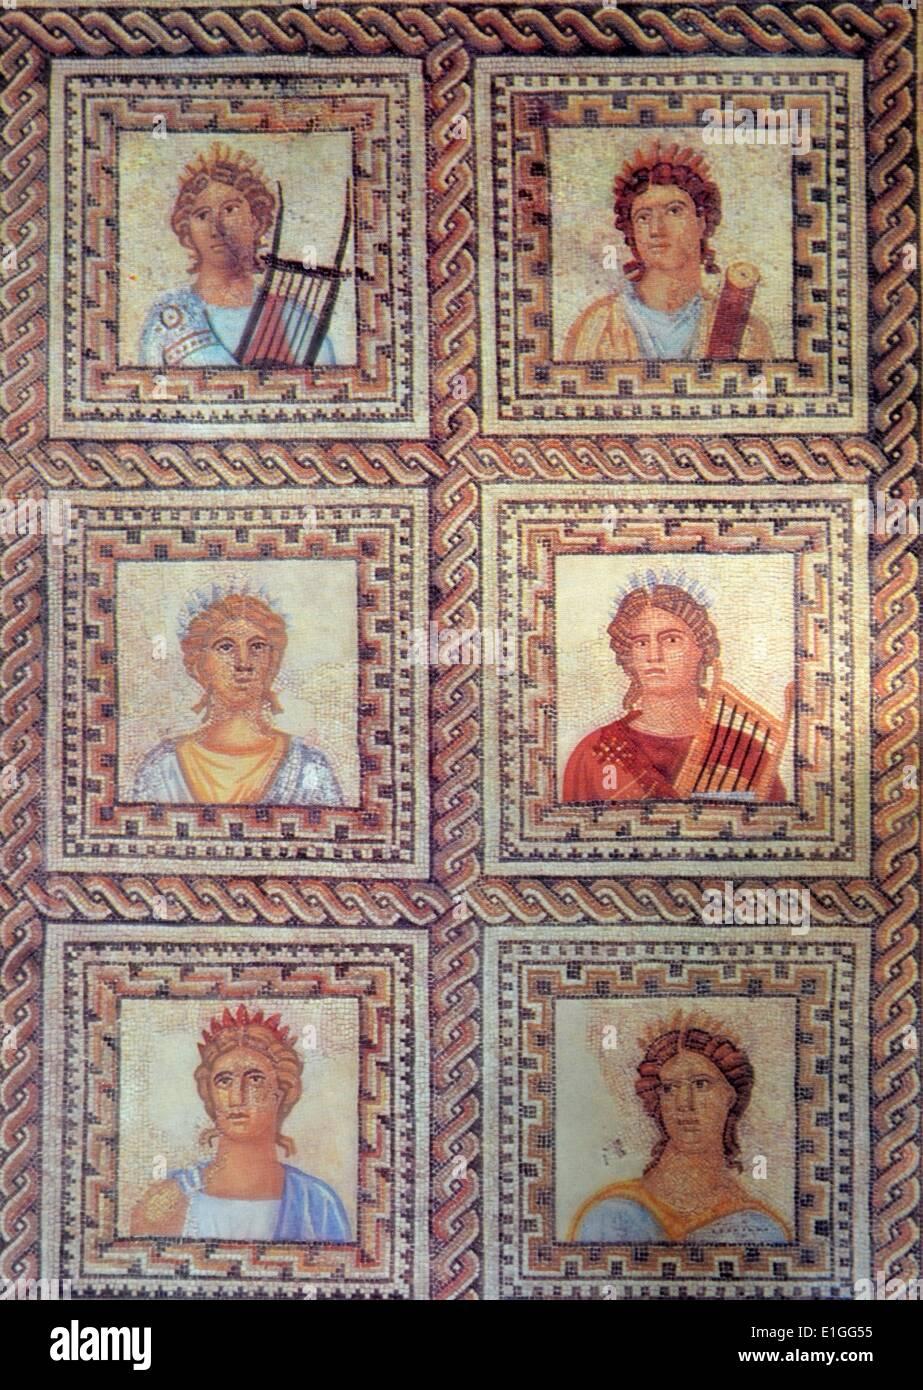 Mosaico della dea greca delle arti, storia, musica e poesia. In data 1° secolo A.C. Immagini Stock